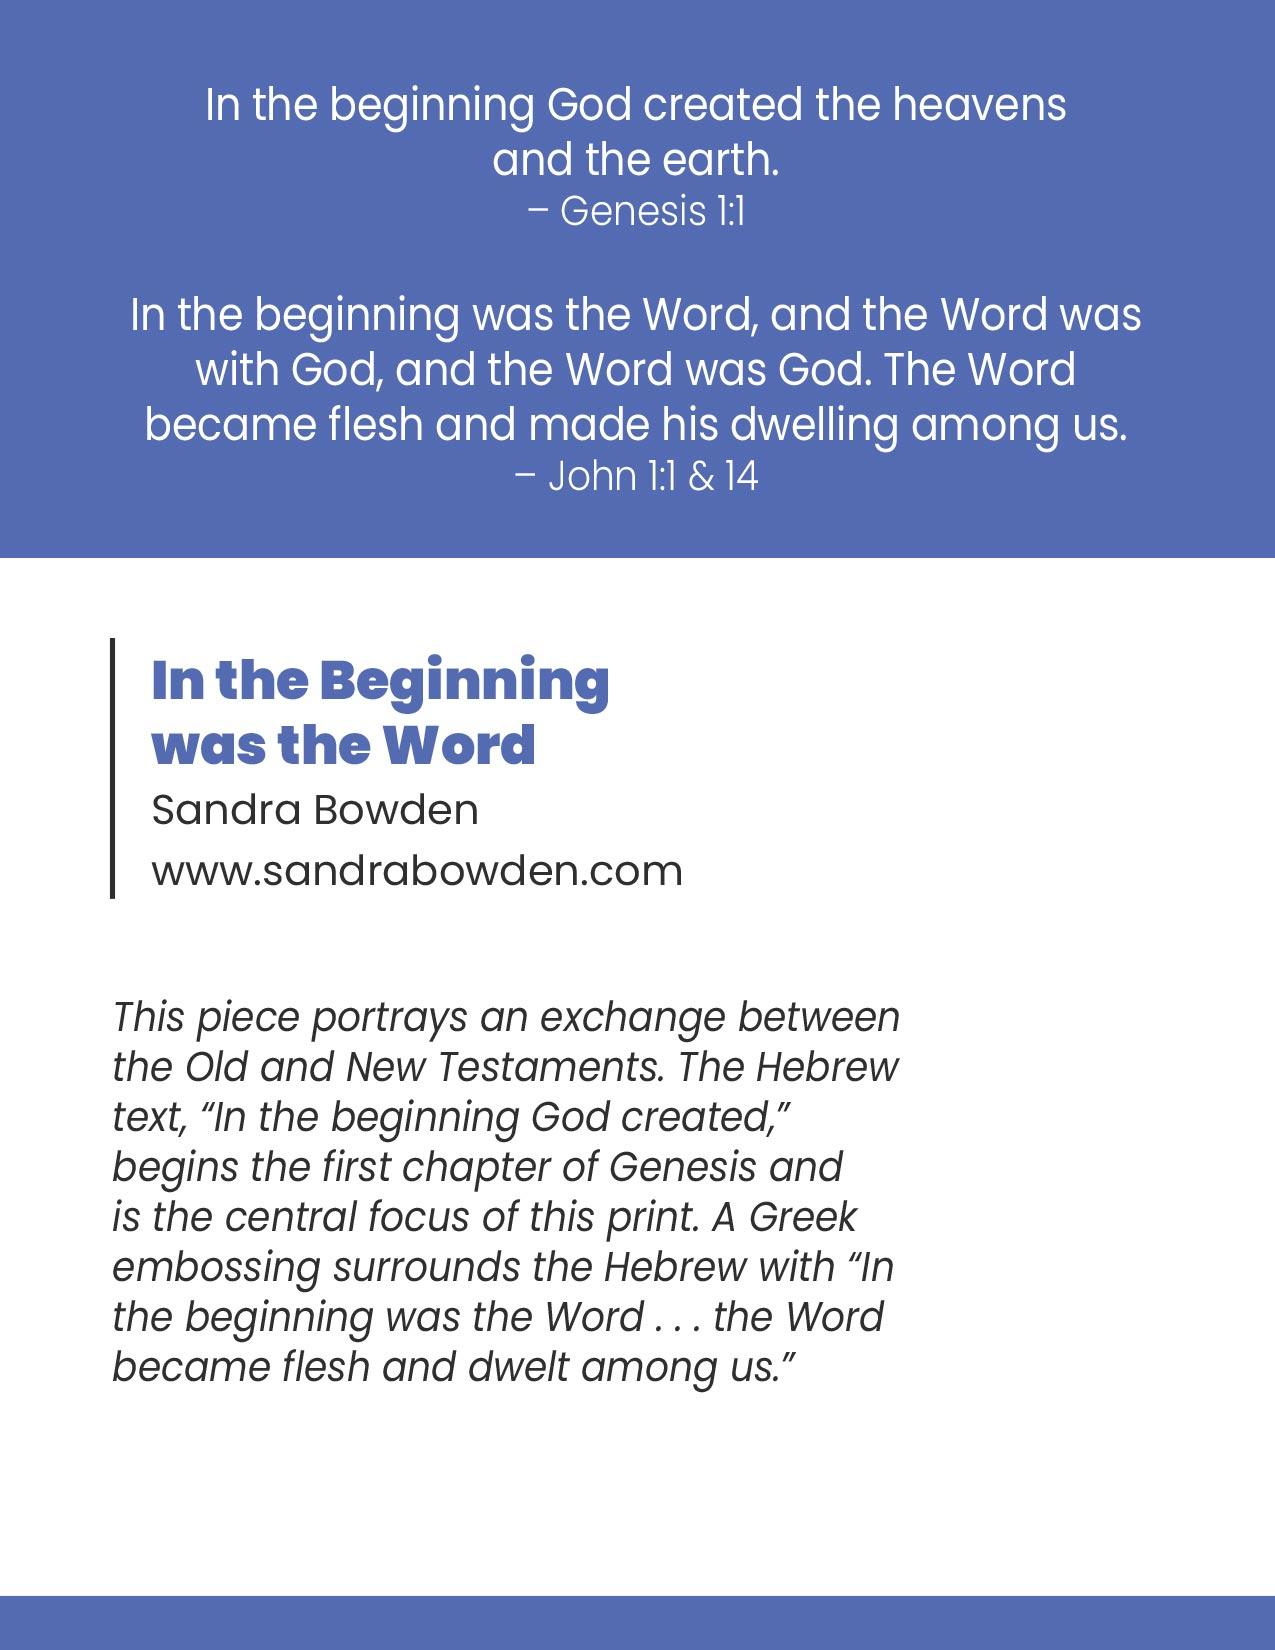 Gen. 1:1 | John 1:1,14